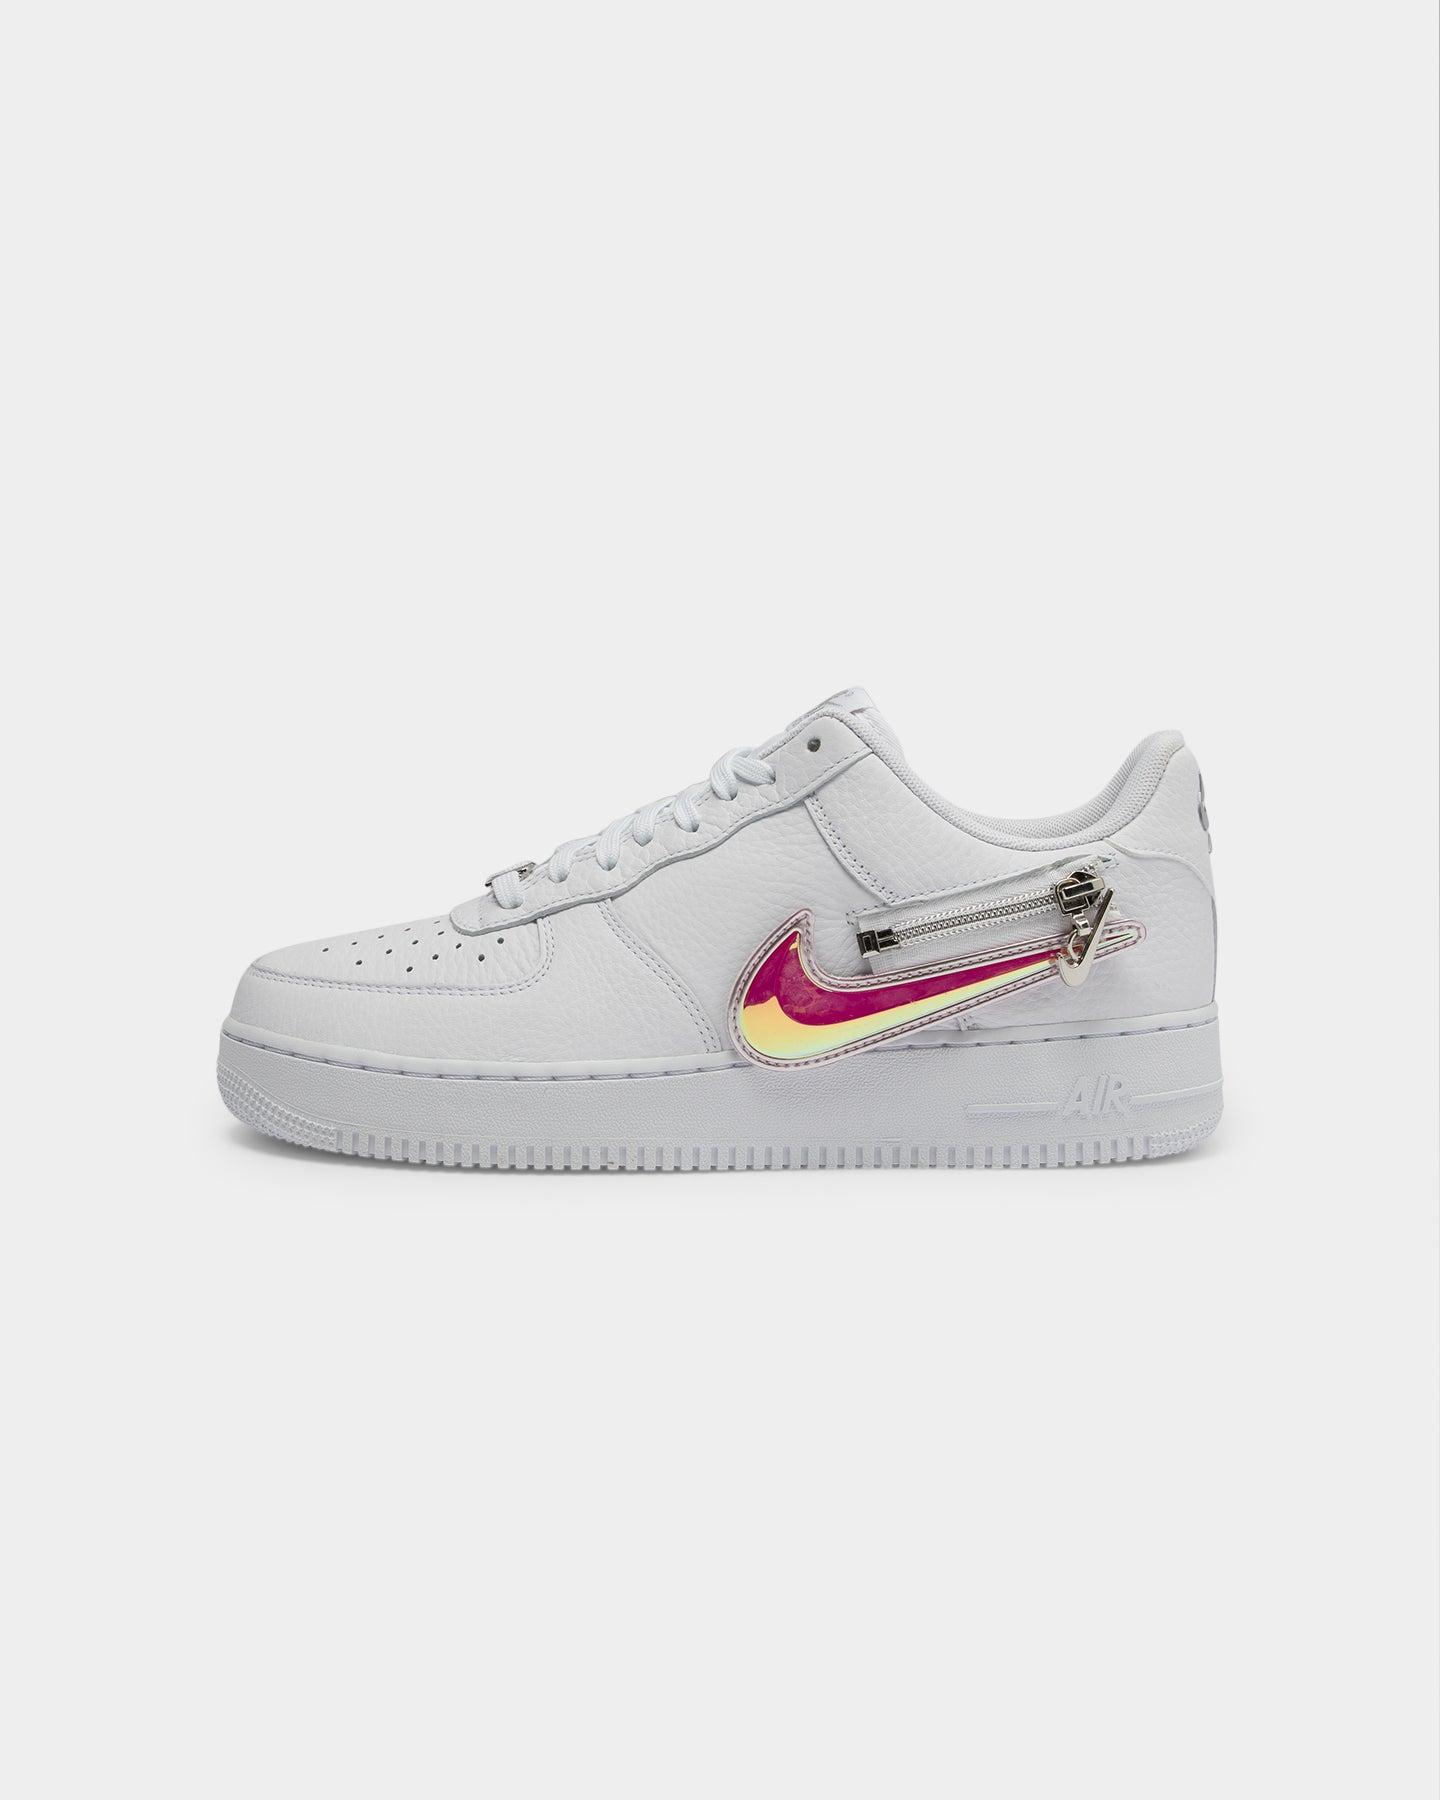 Nike Men's Air Force 1 '07 Premium 'Zip